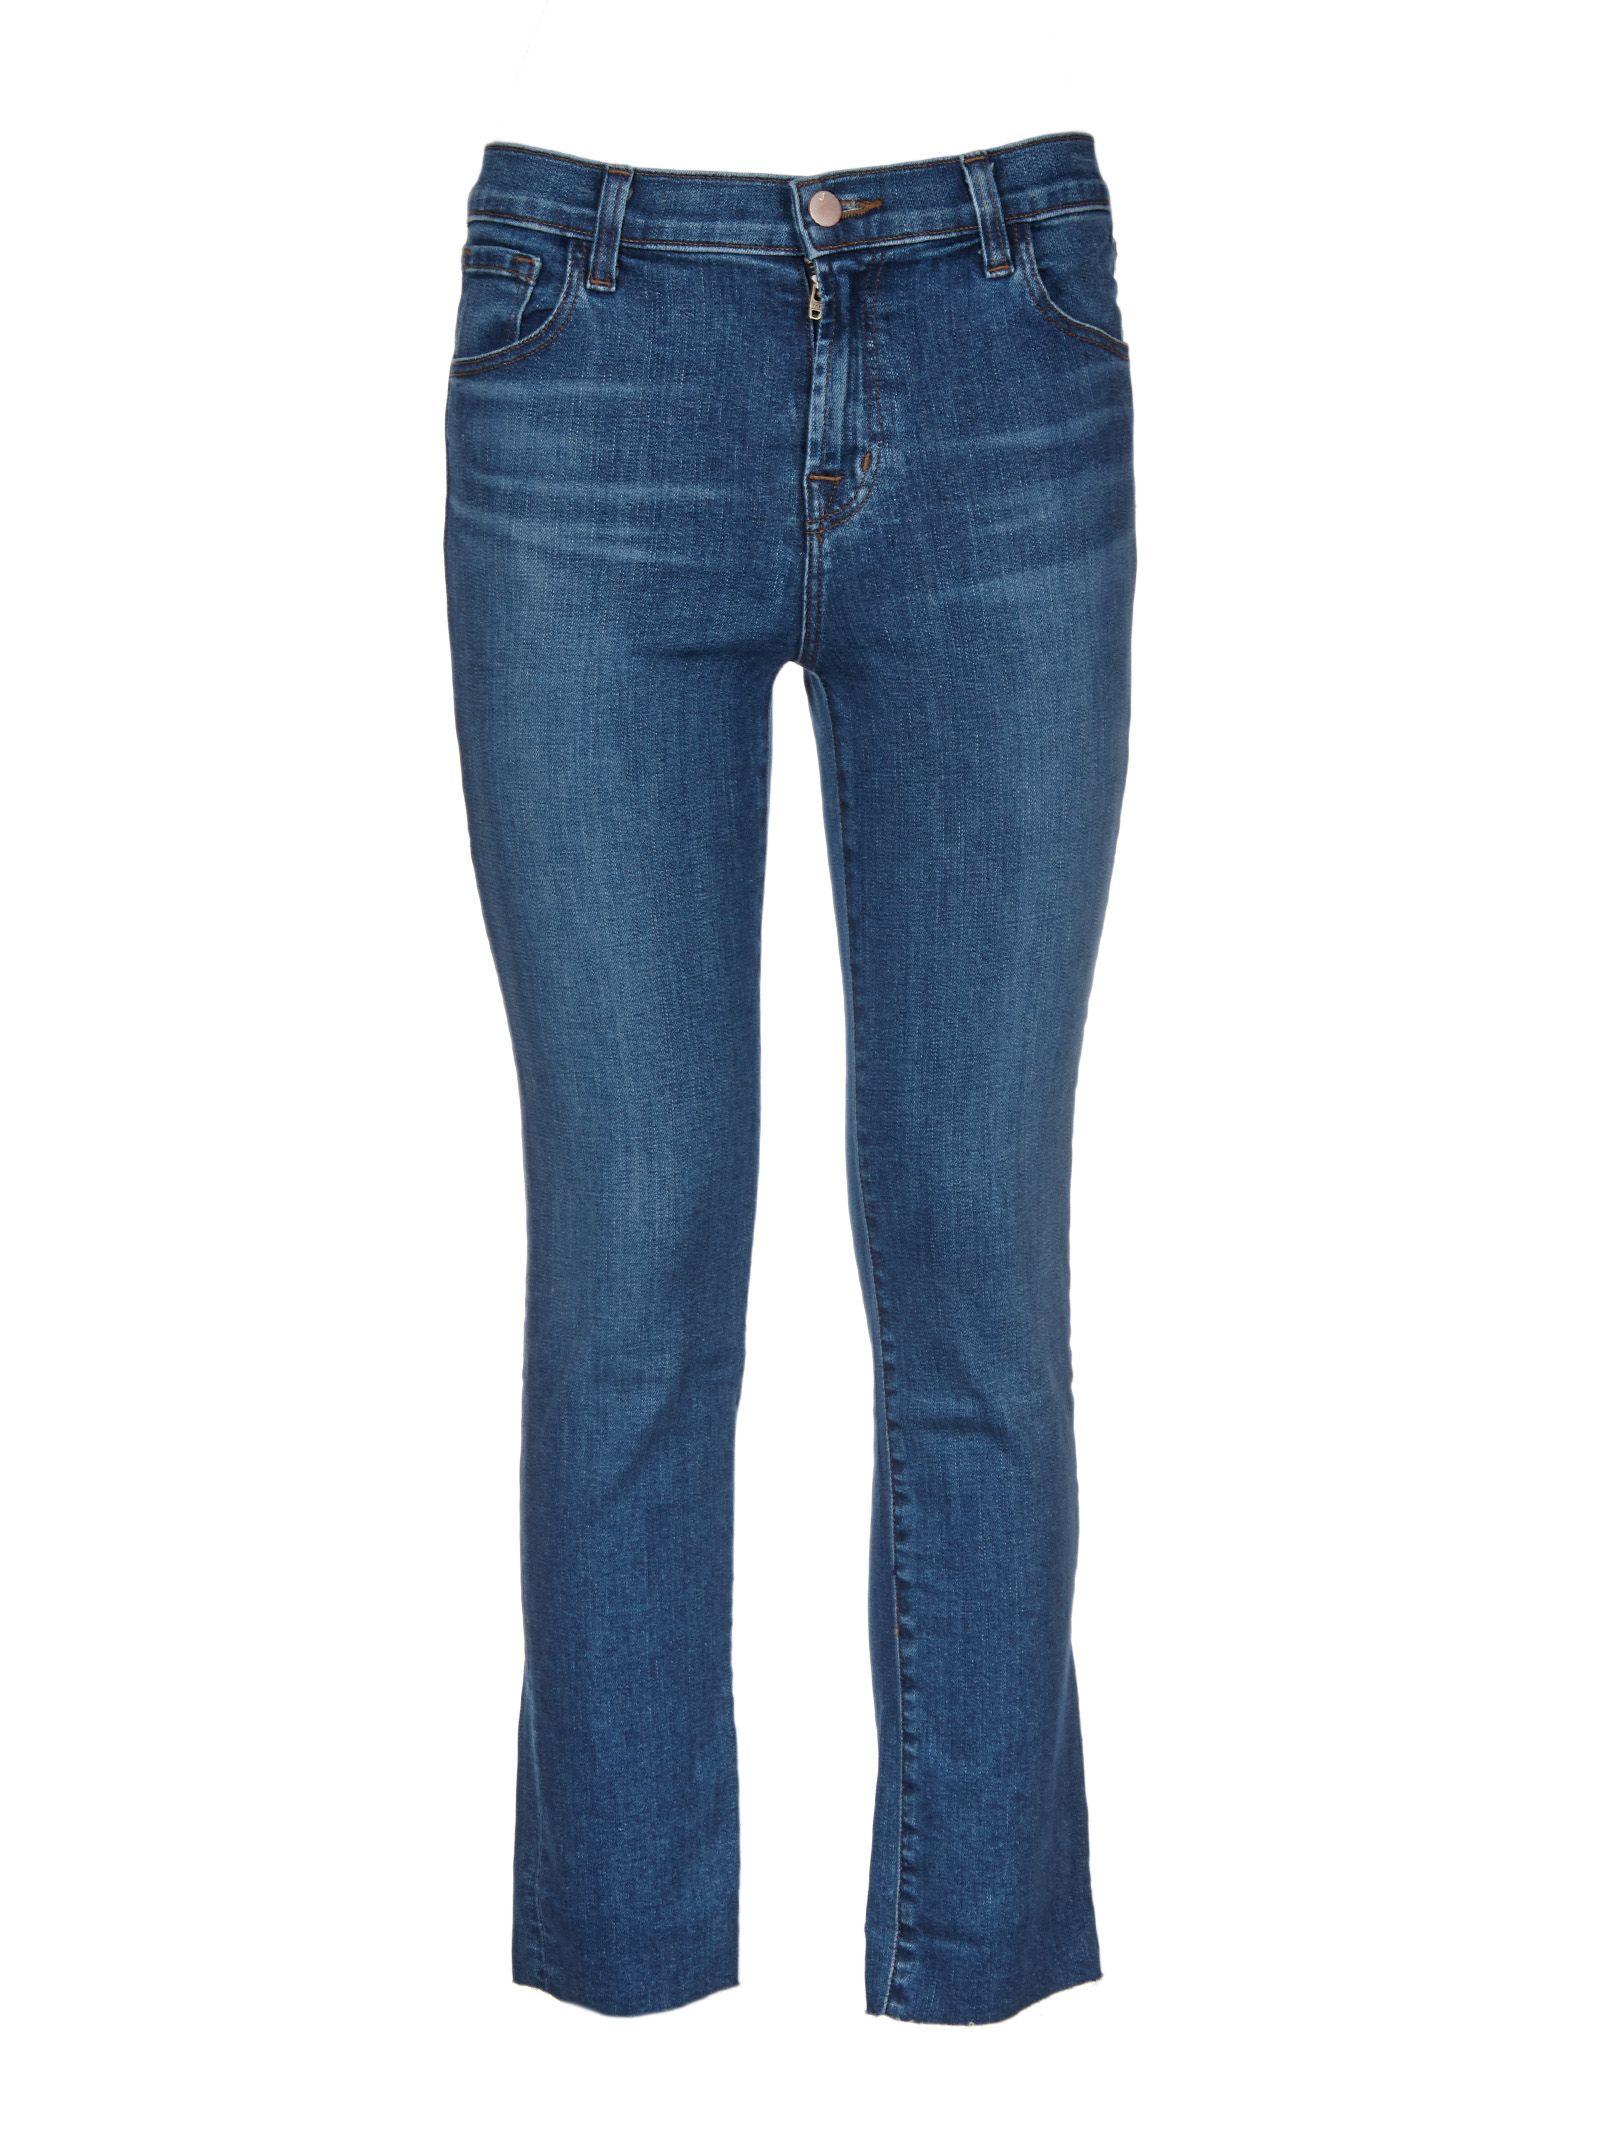 J Brand Lovesick Skinny Jeans